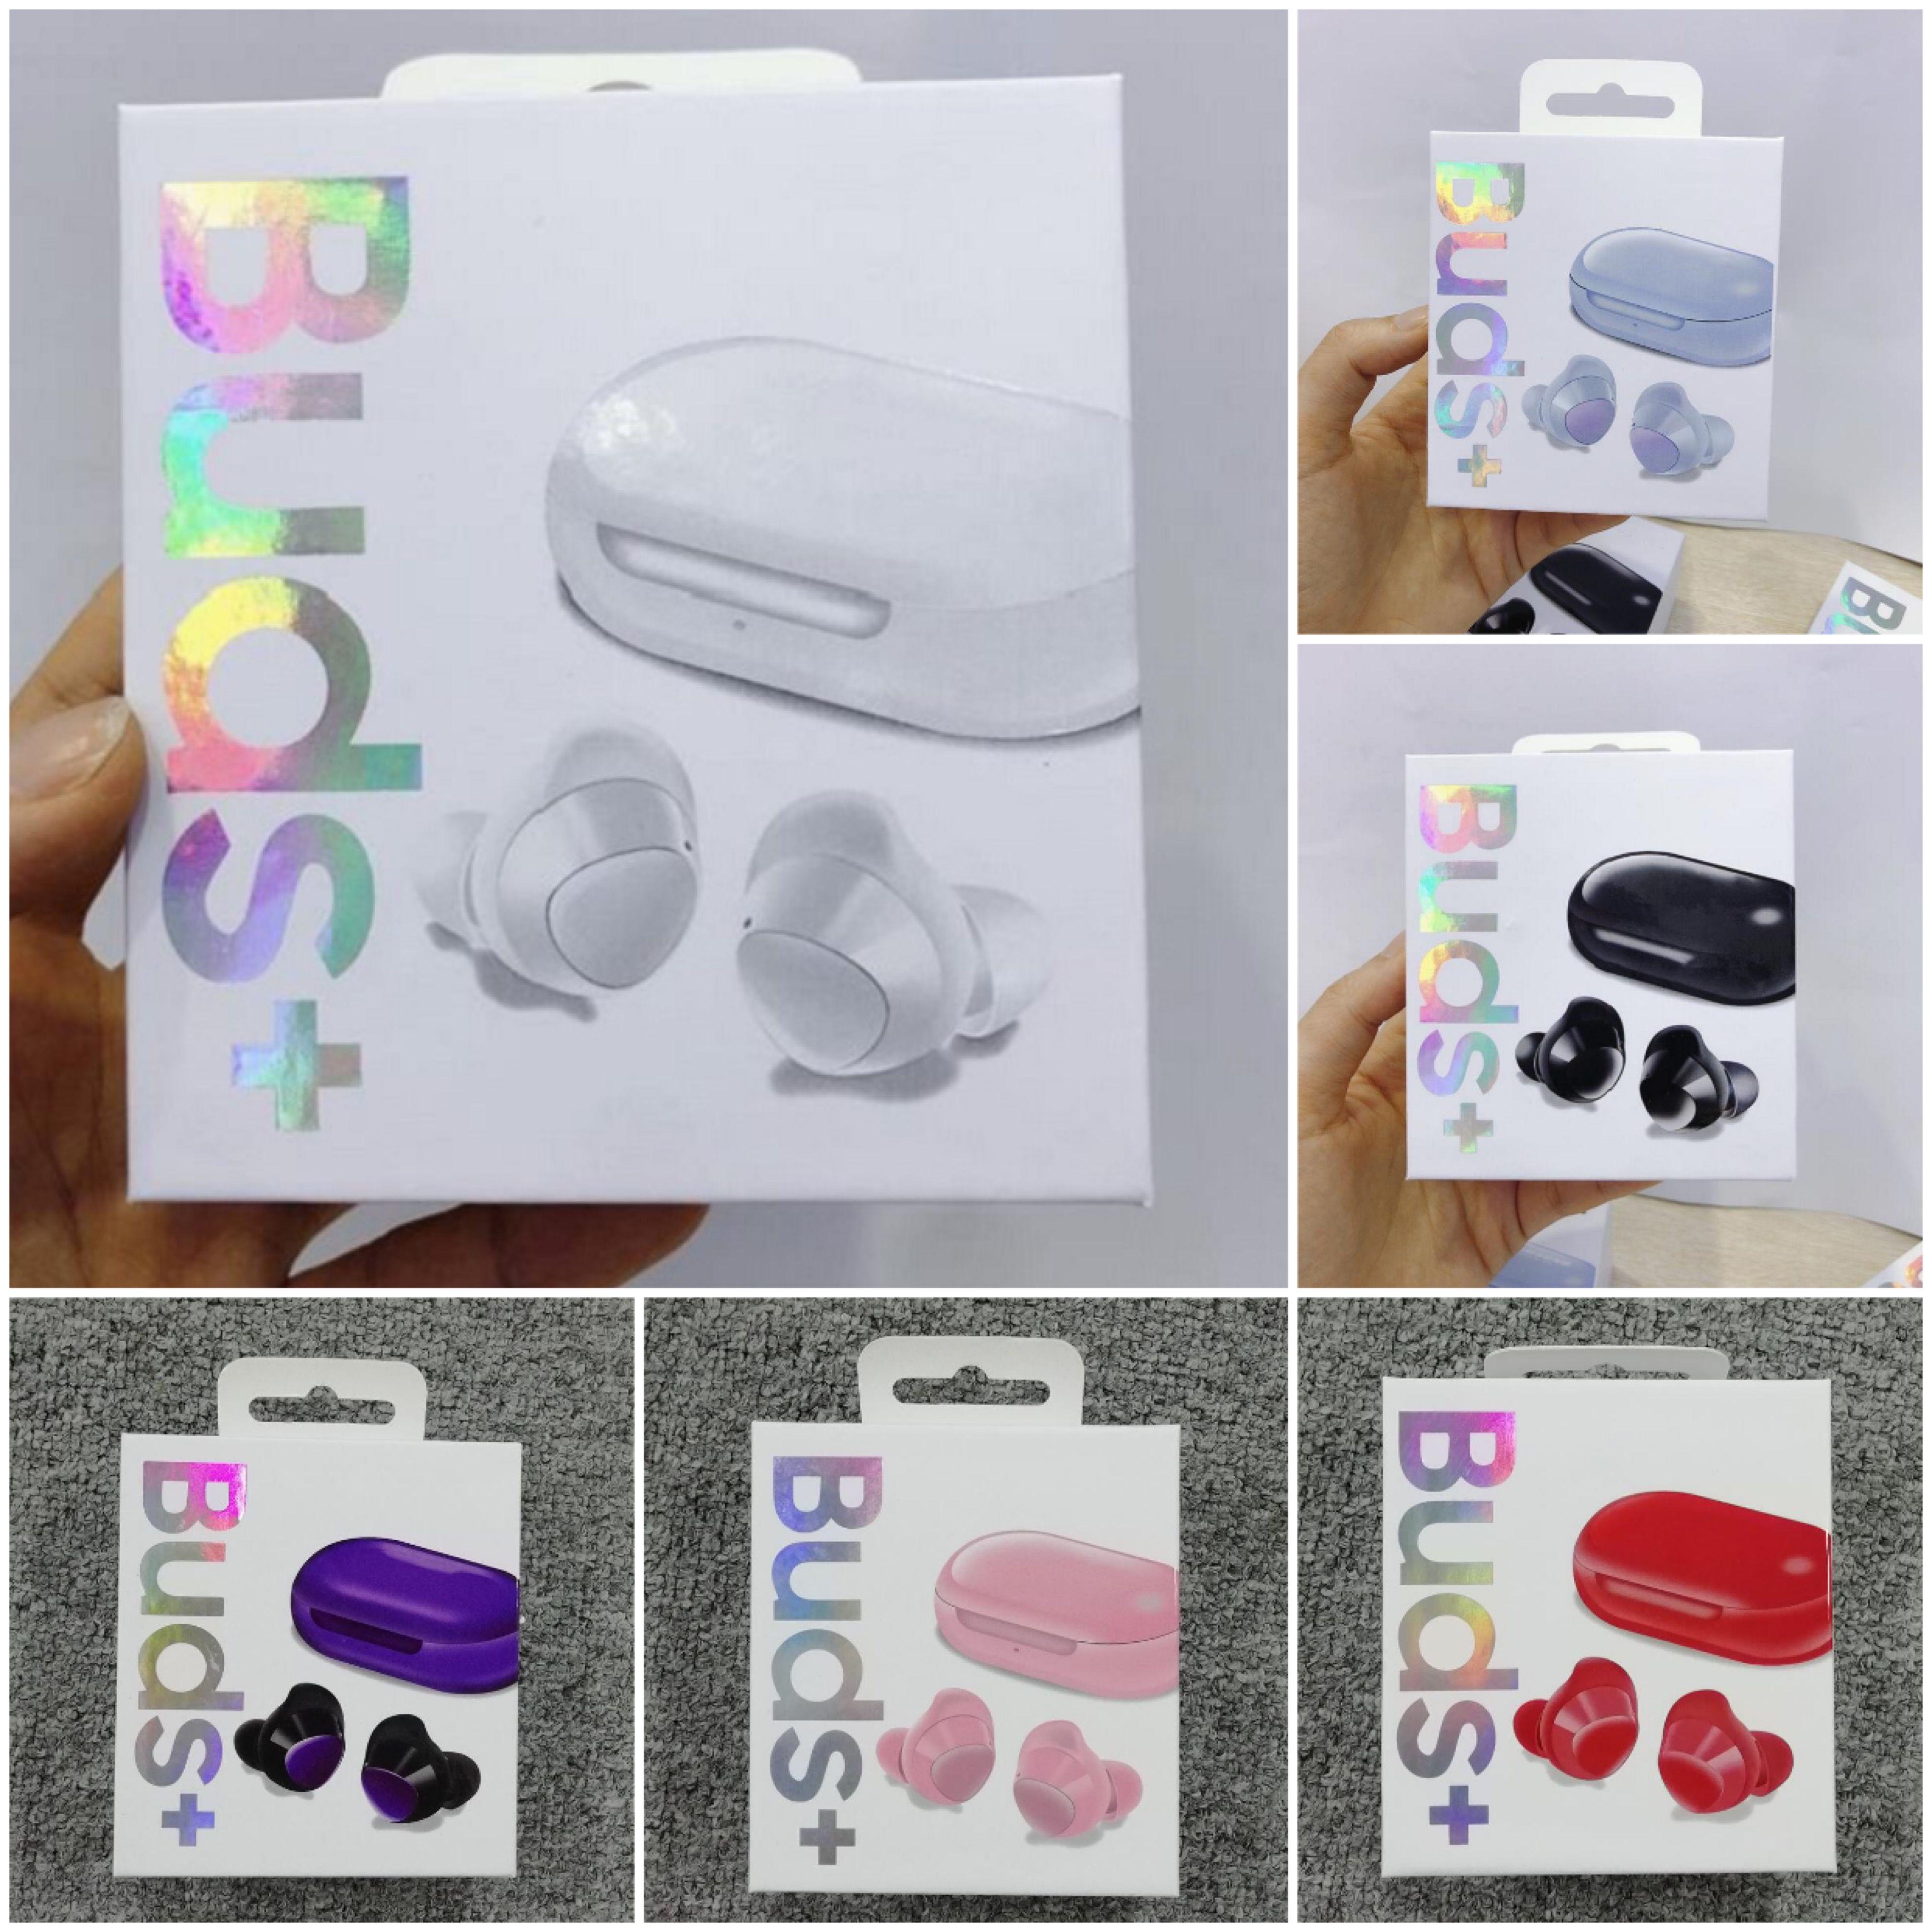 Orecchio DHL mini TWS Bluetooth germogli Inoltre cuffia Wireless Headset con il Mic stereo Bluetooth 4.1 auricolare per Android Samsung Galaxy